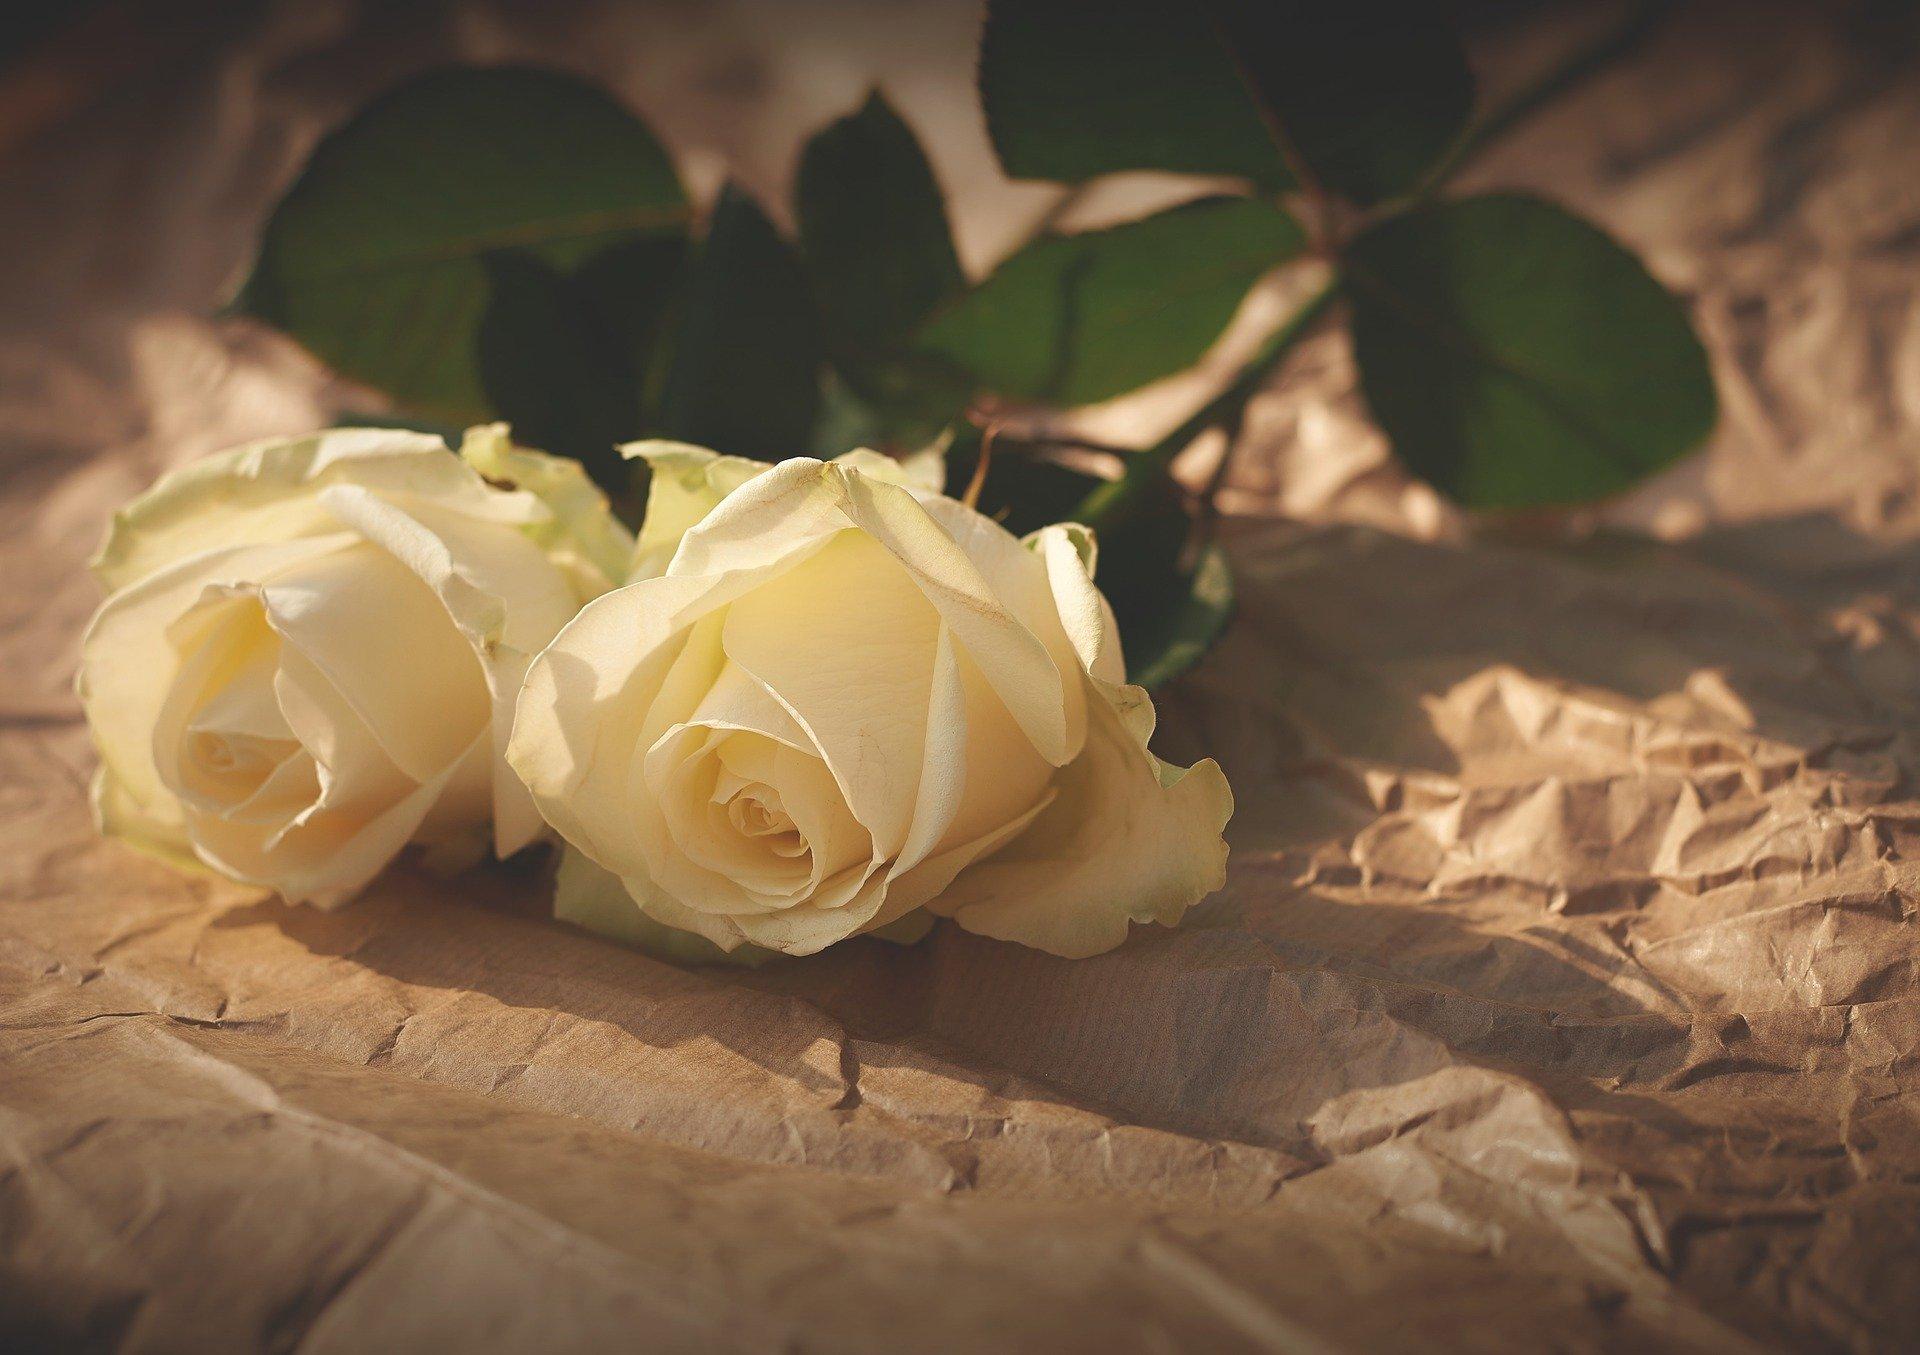 Morte traumática de um ente querido acarreta um luto mais intenso